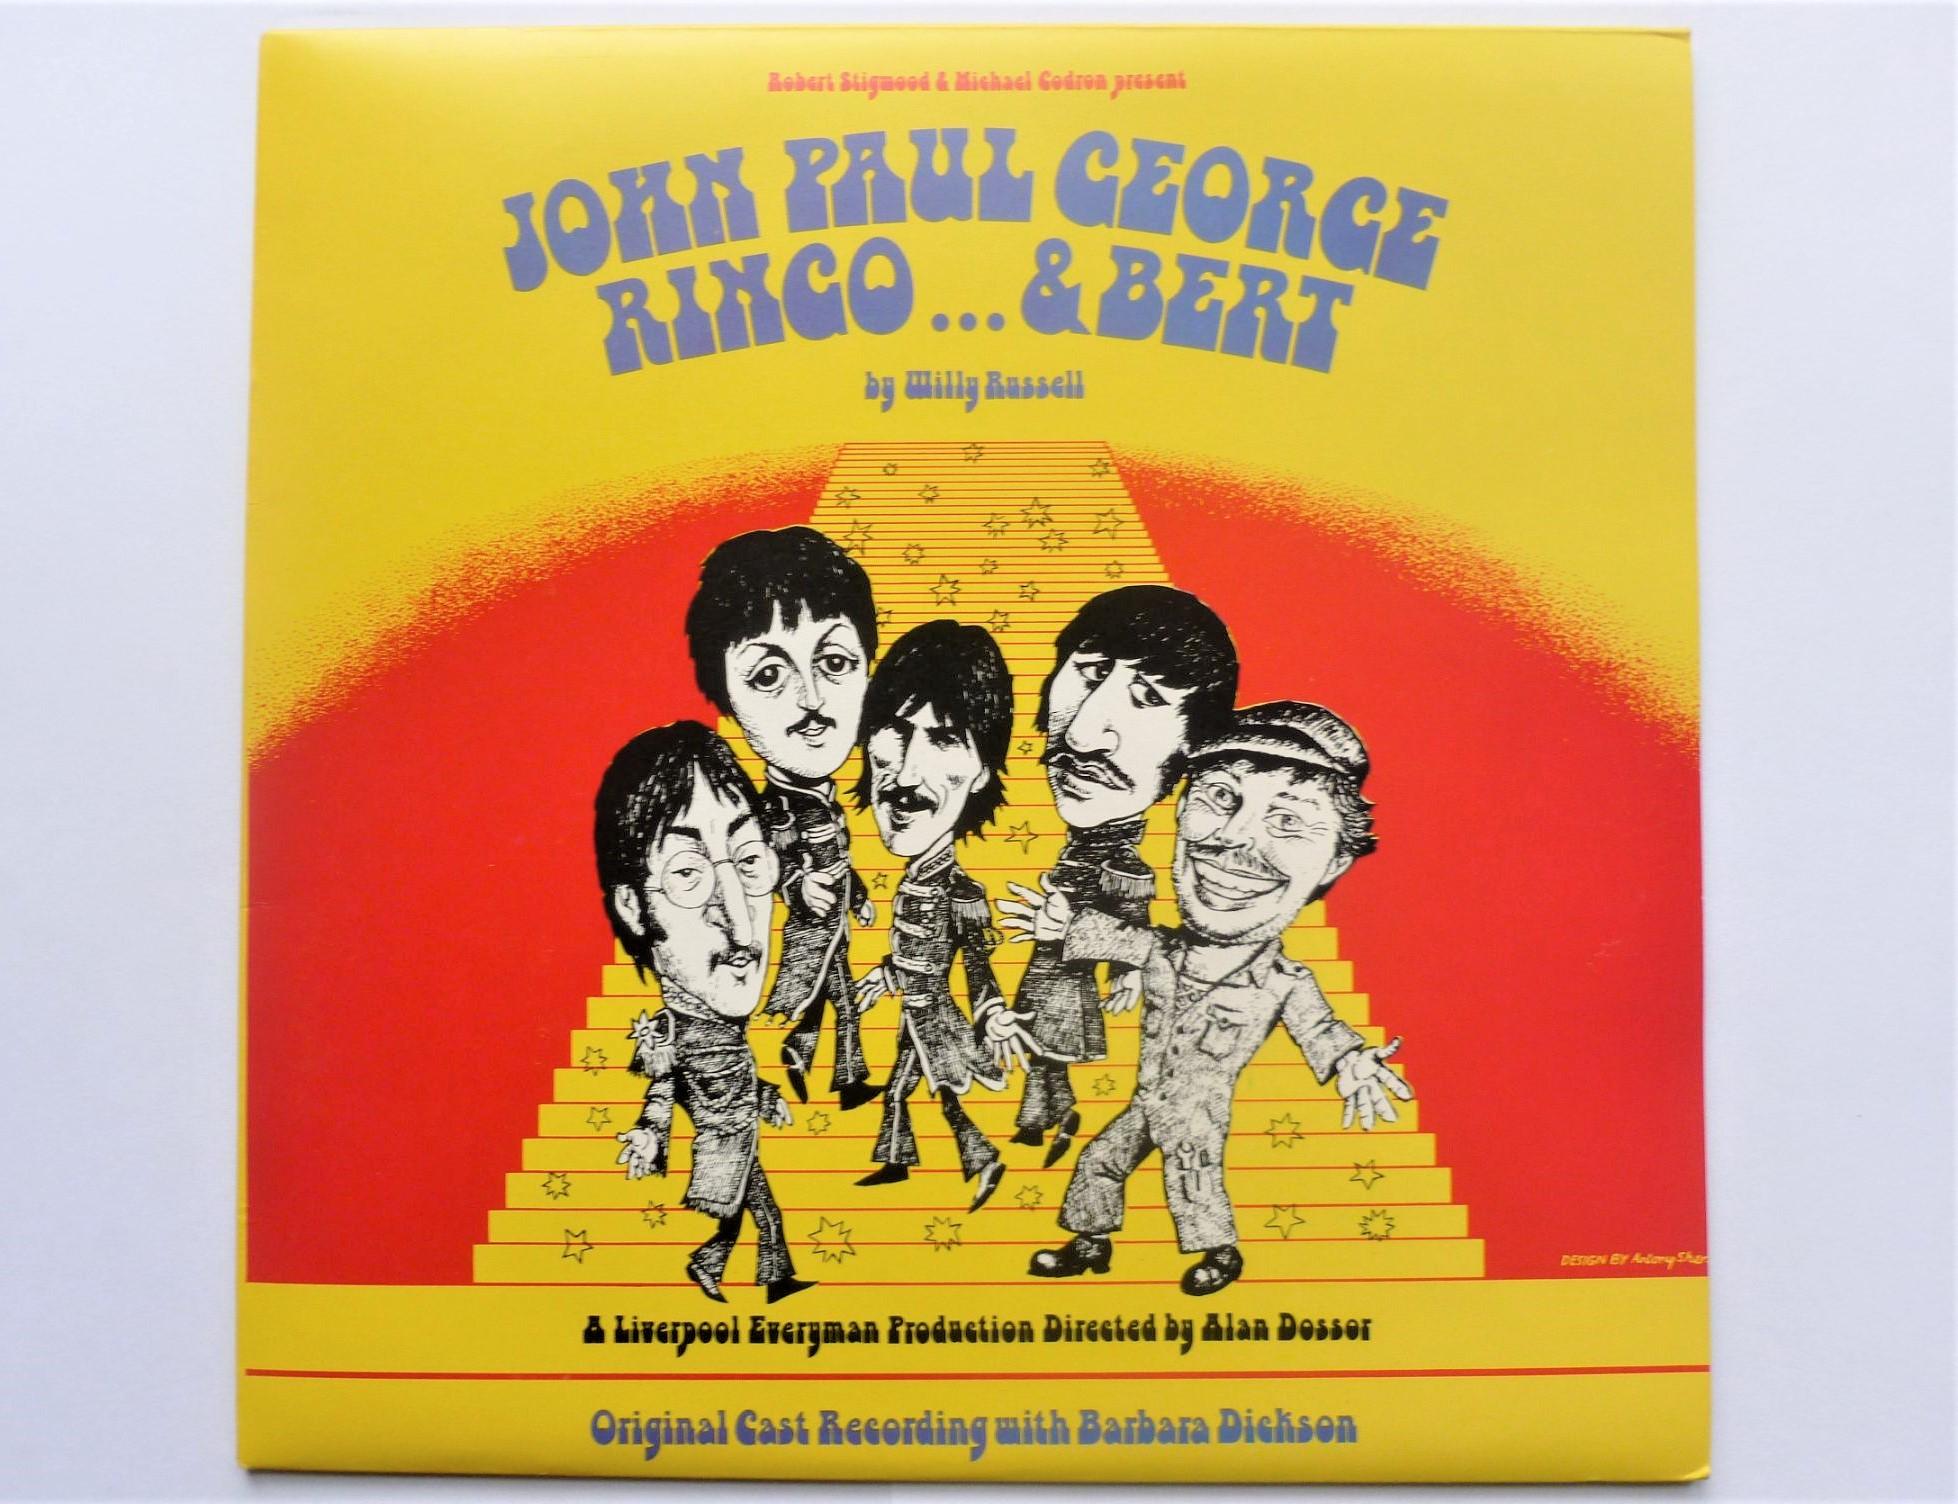 VARIOUS - John Paul George Ringo & Bert - LP